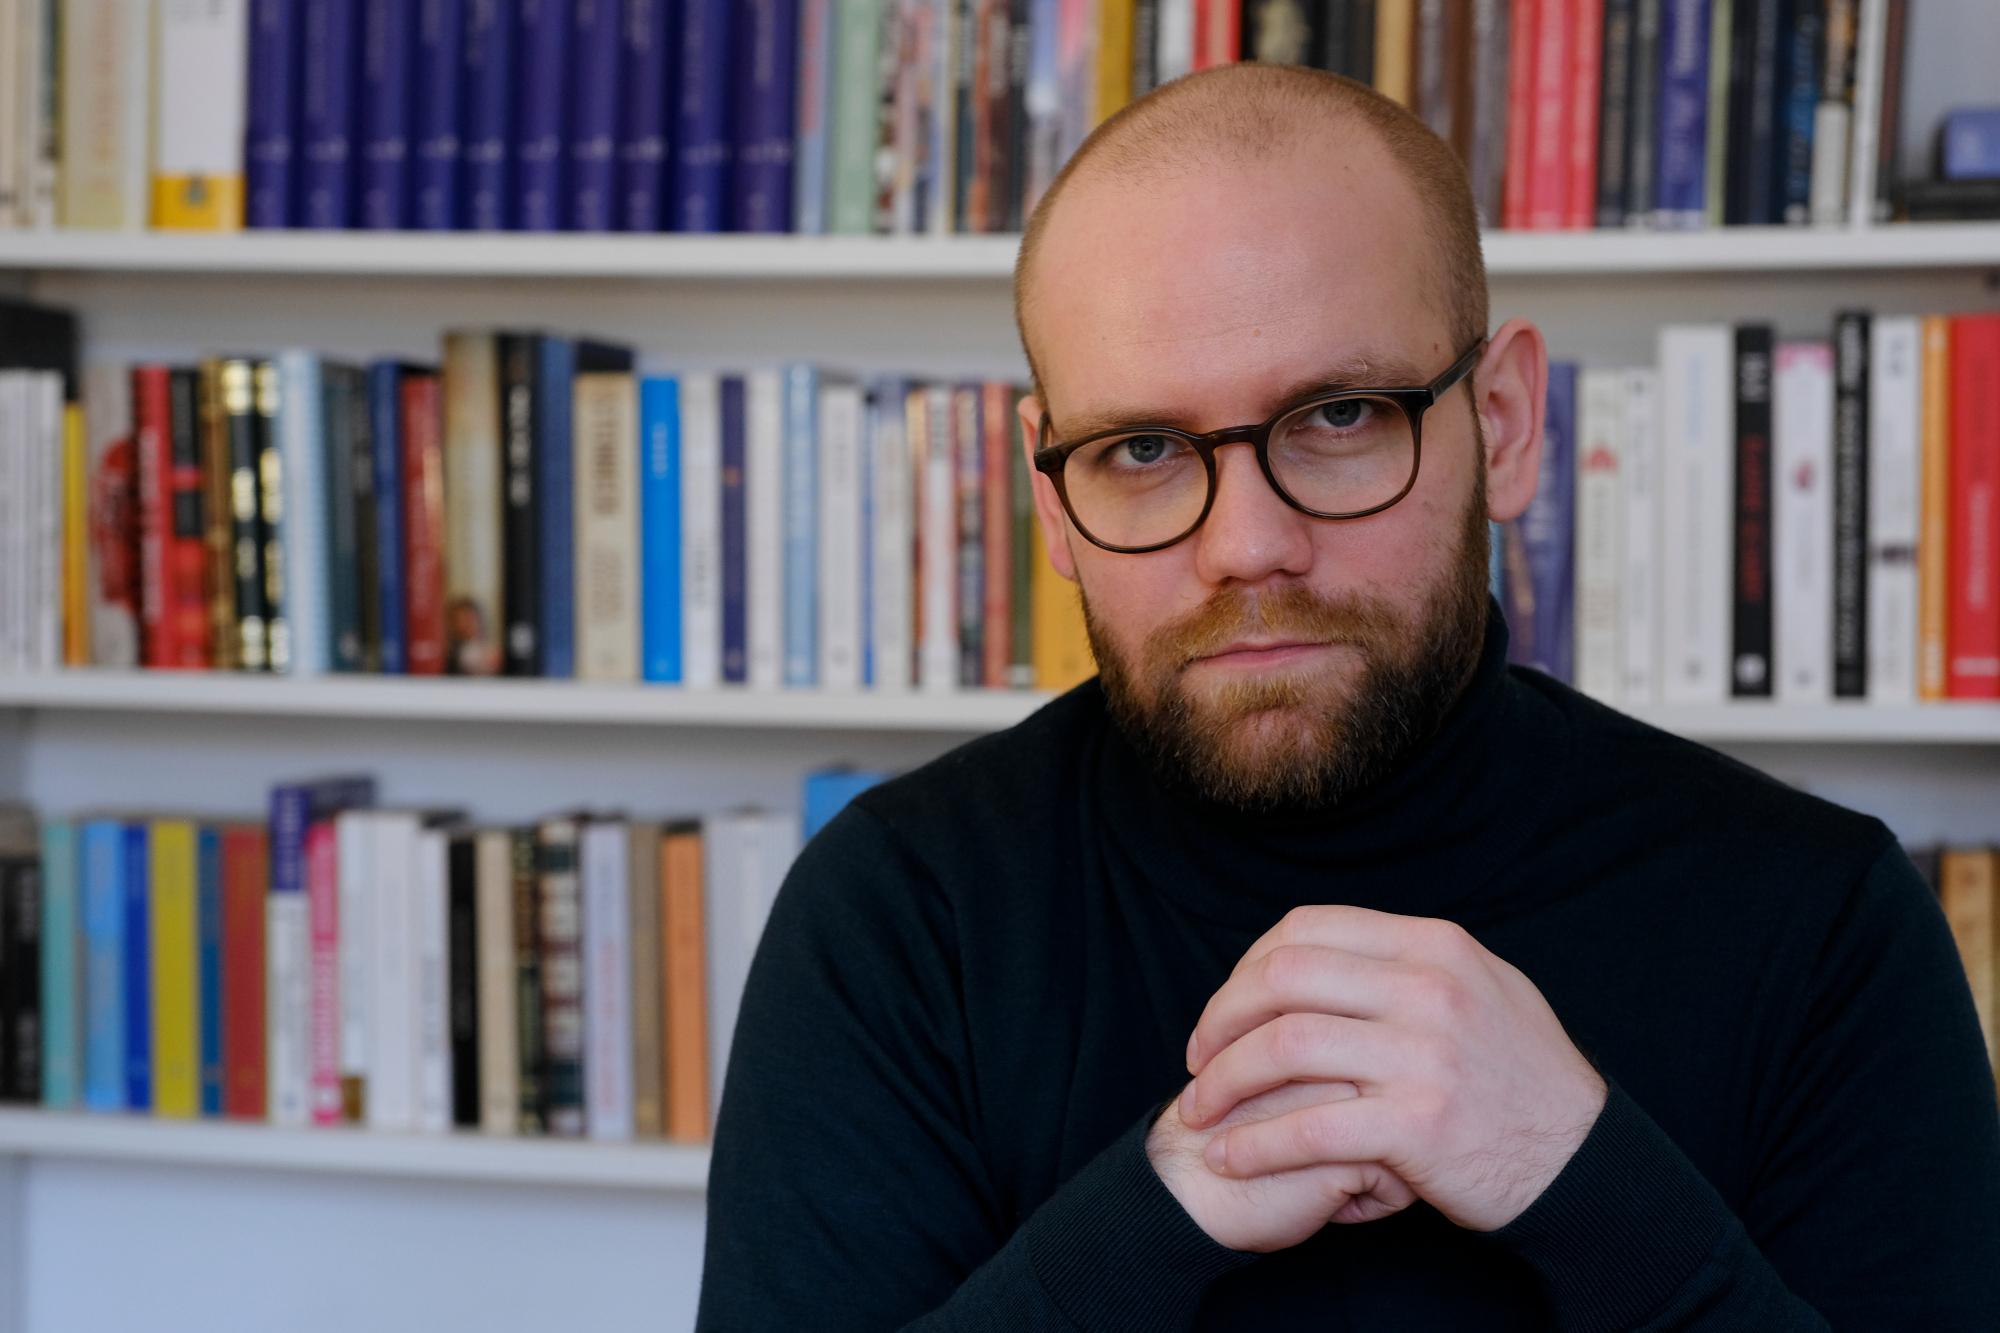 Łukasz Polikowski small.JPG